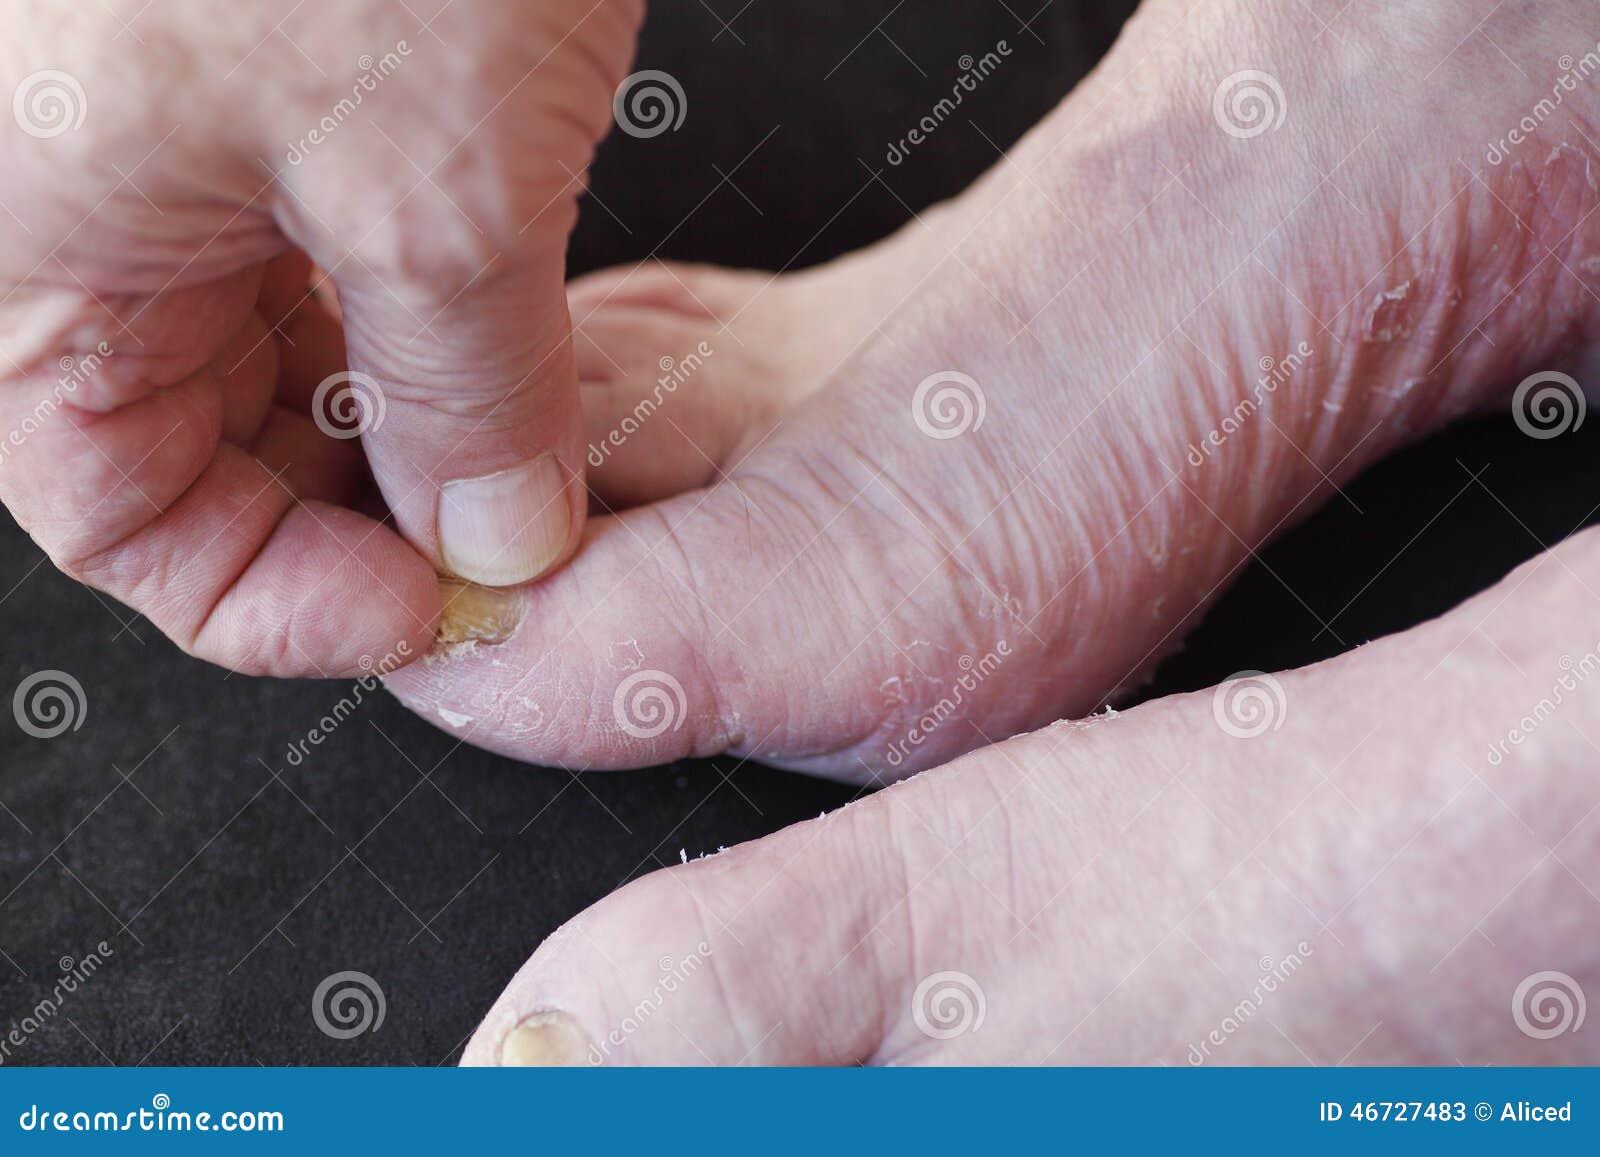 Fungo di unghie di una targa o una vernice